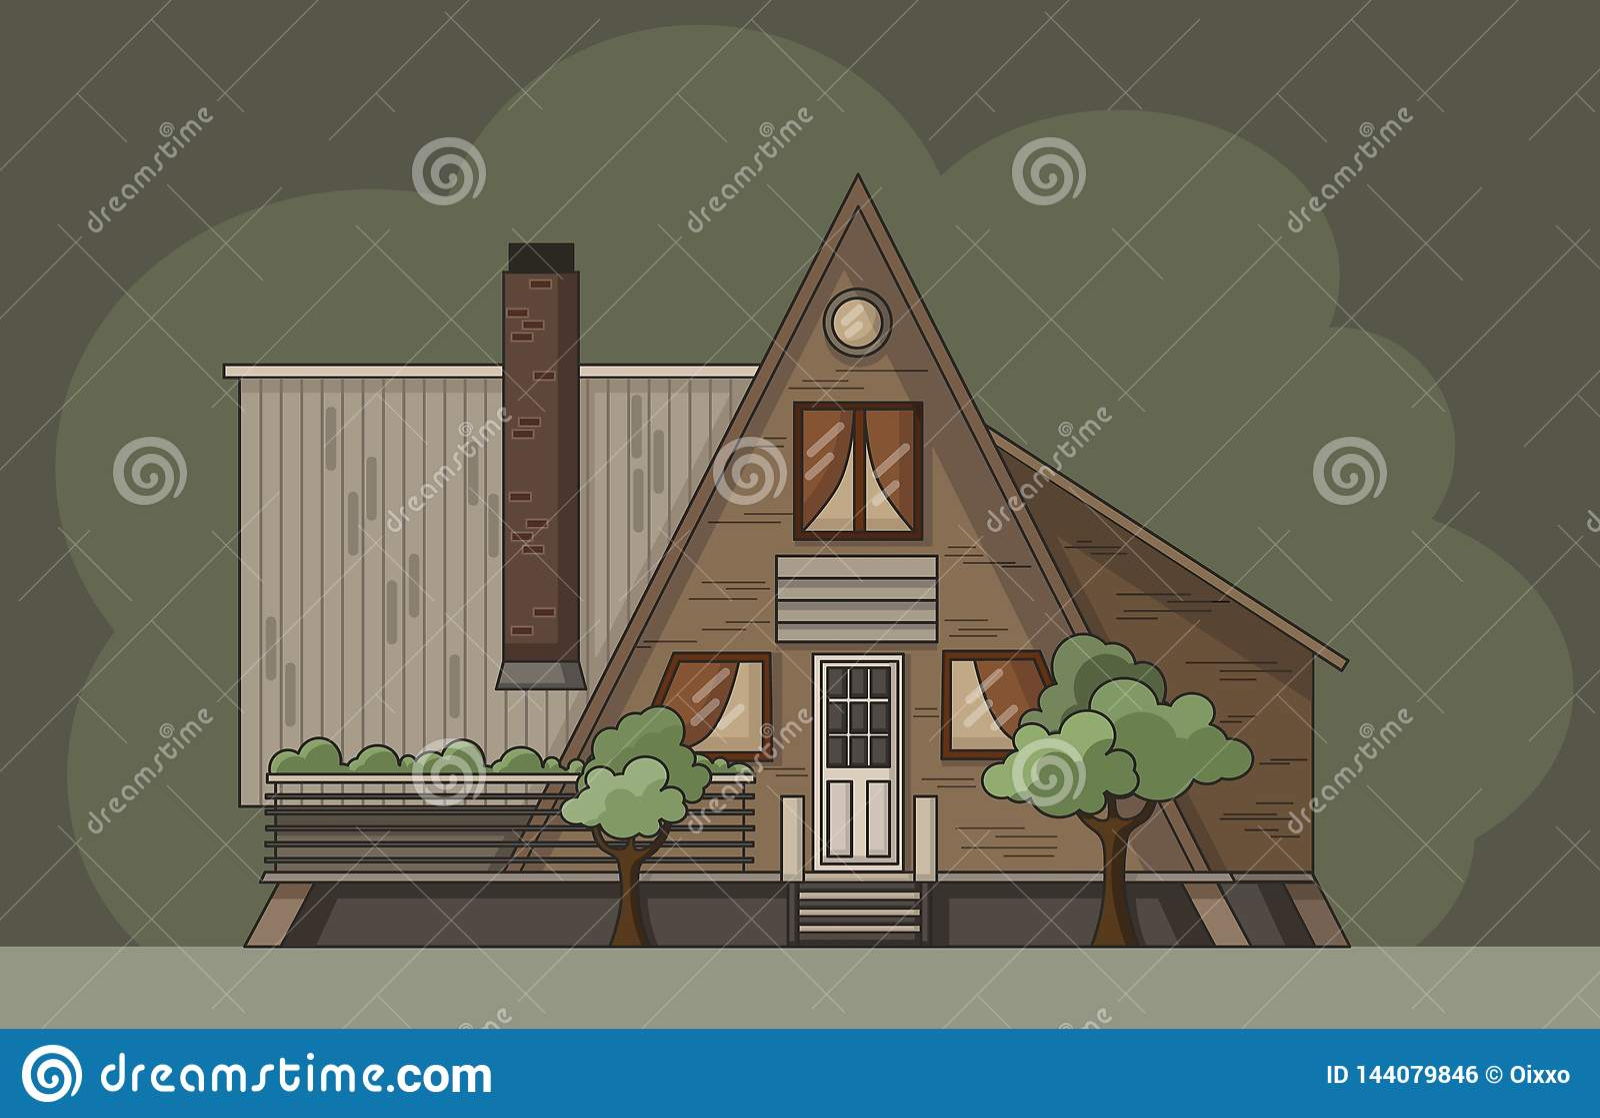 Flat forest cabin log. Vector colorful illustration